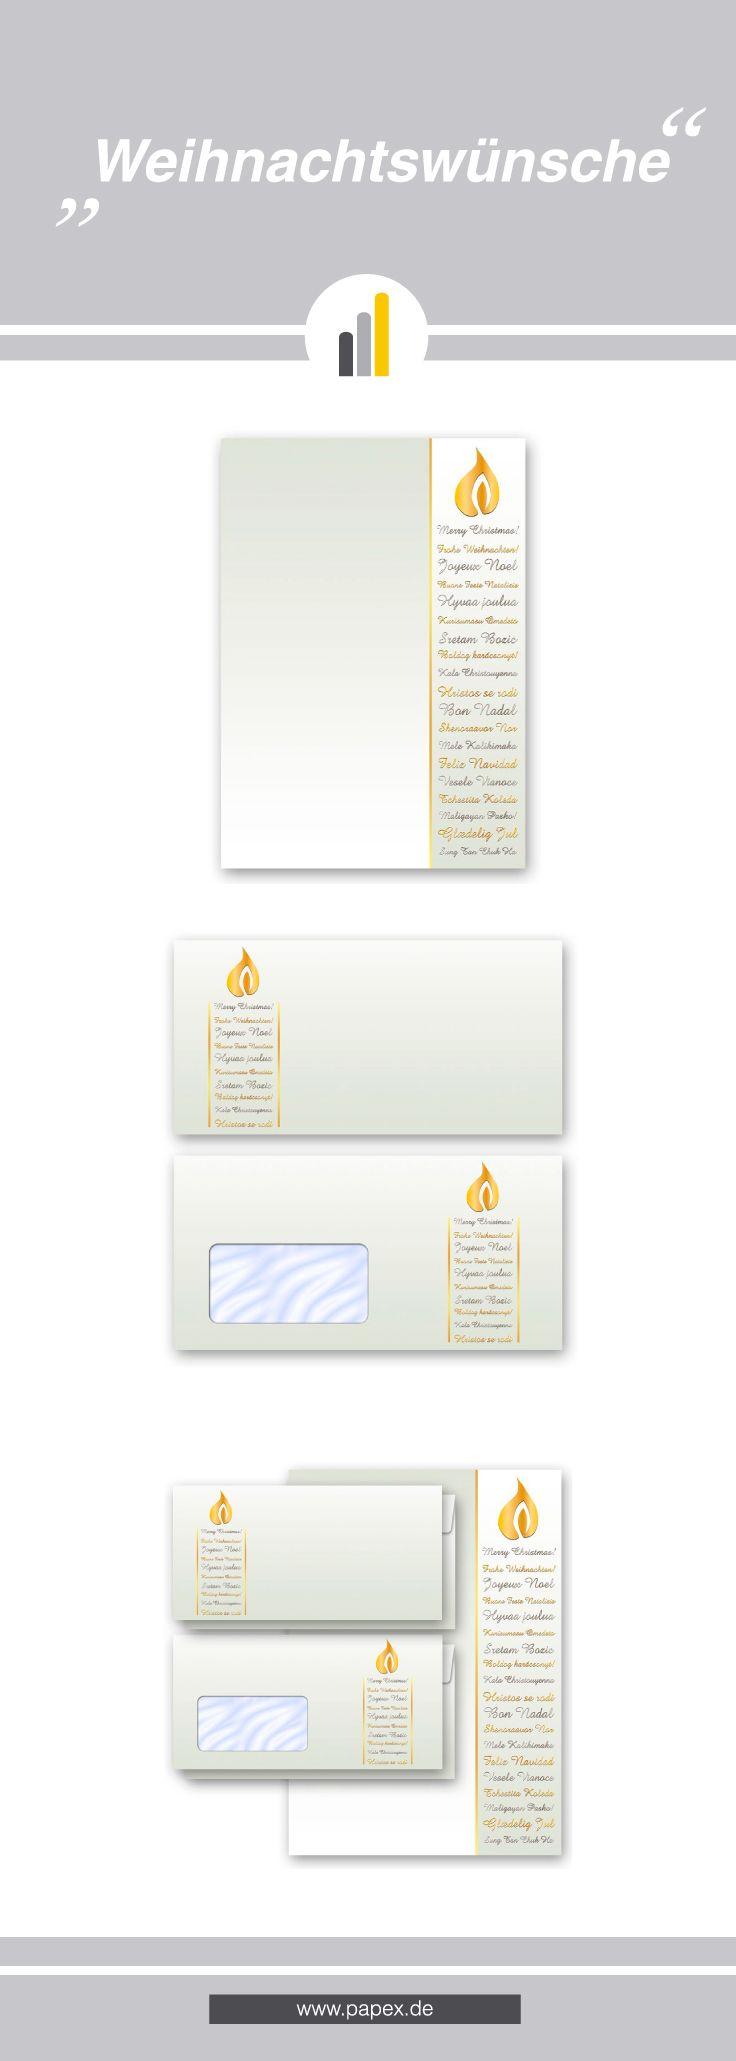 Briefpapier motivpapier weihnachtsw nsche mit passenden for Wohnung dekorieren winter